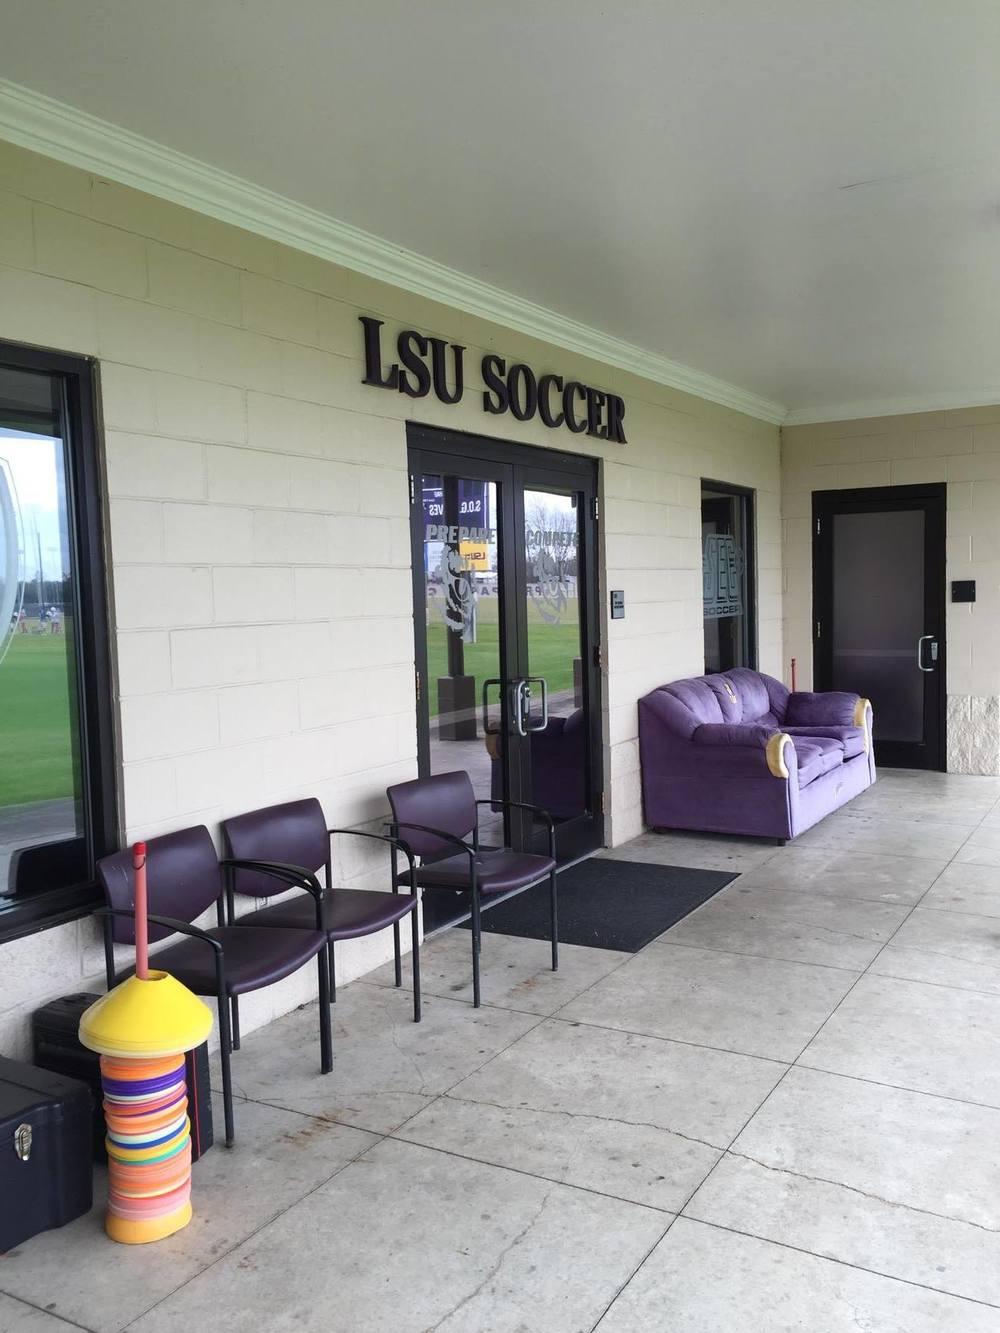 LSU Front Stadium.jpg